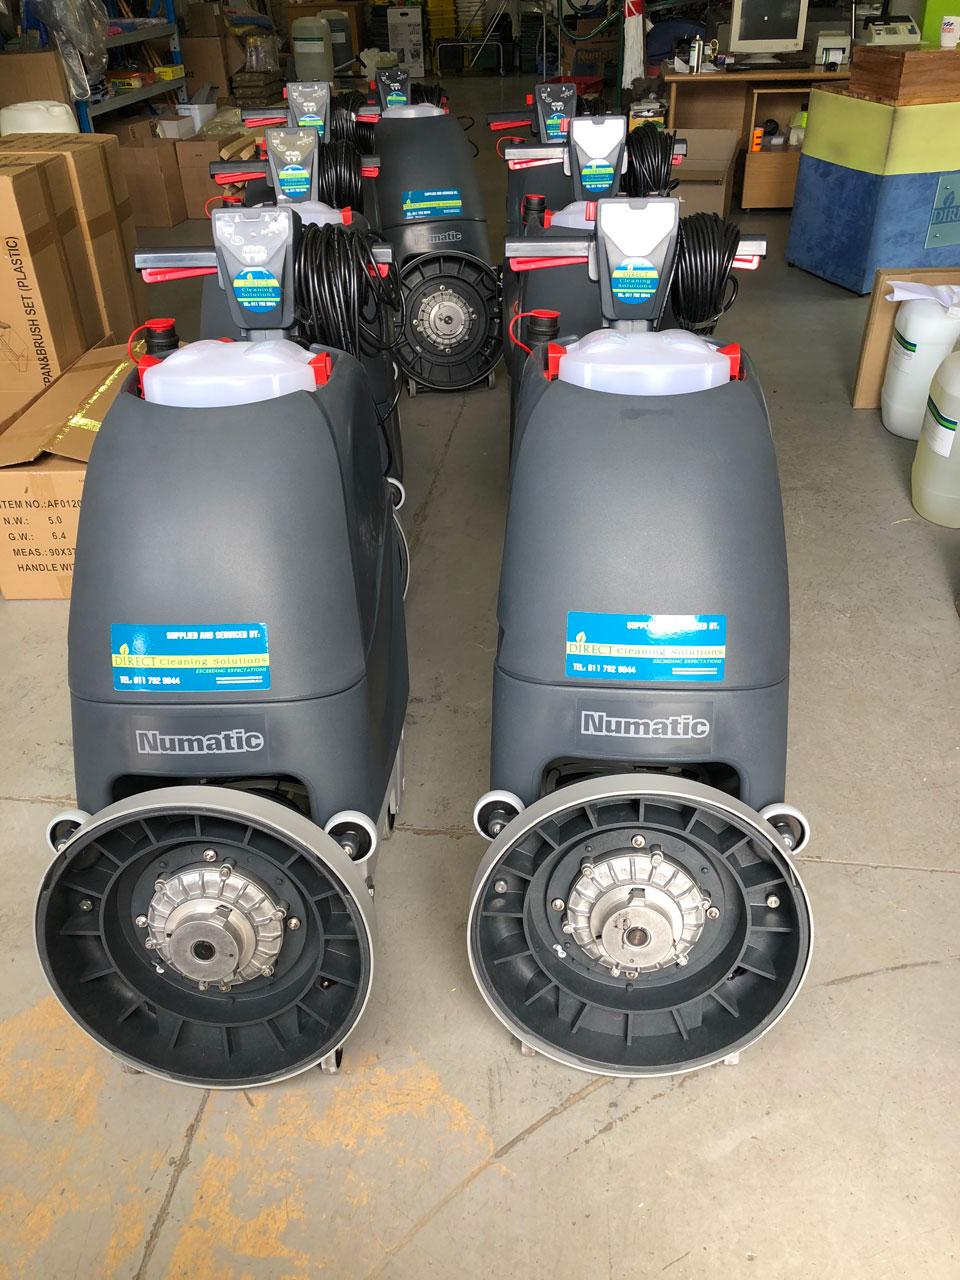 Numatic-TTB4045-Electric-Auto-Scrubbers-2